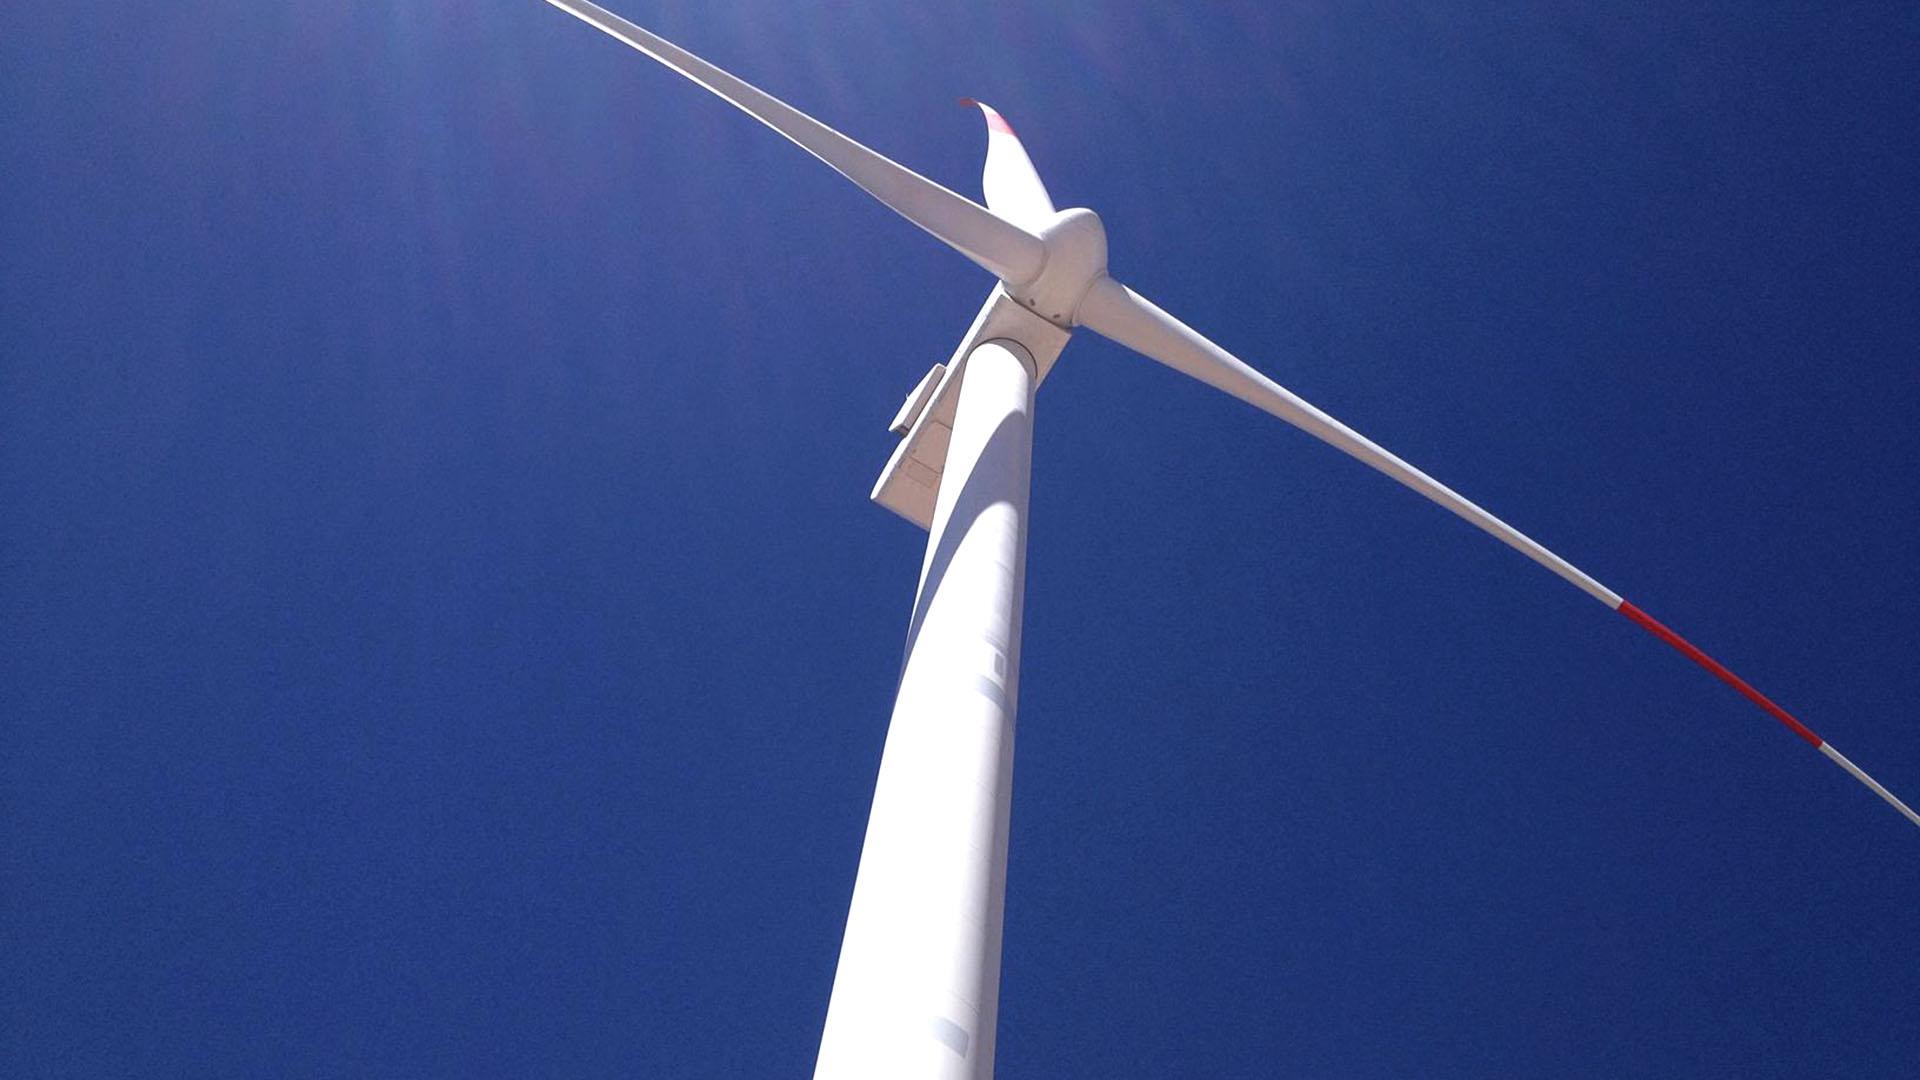 Taltal Wind Farm